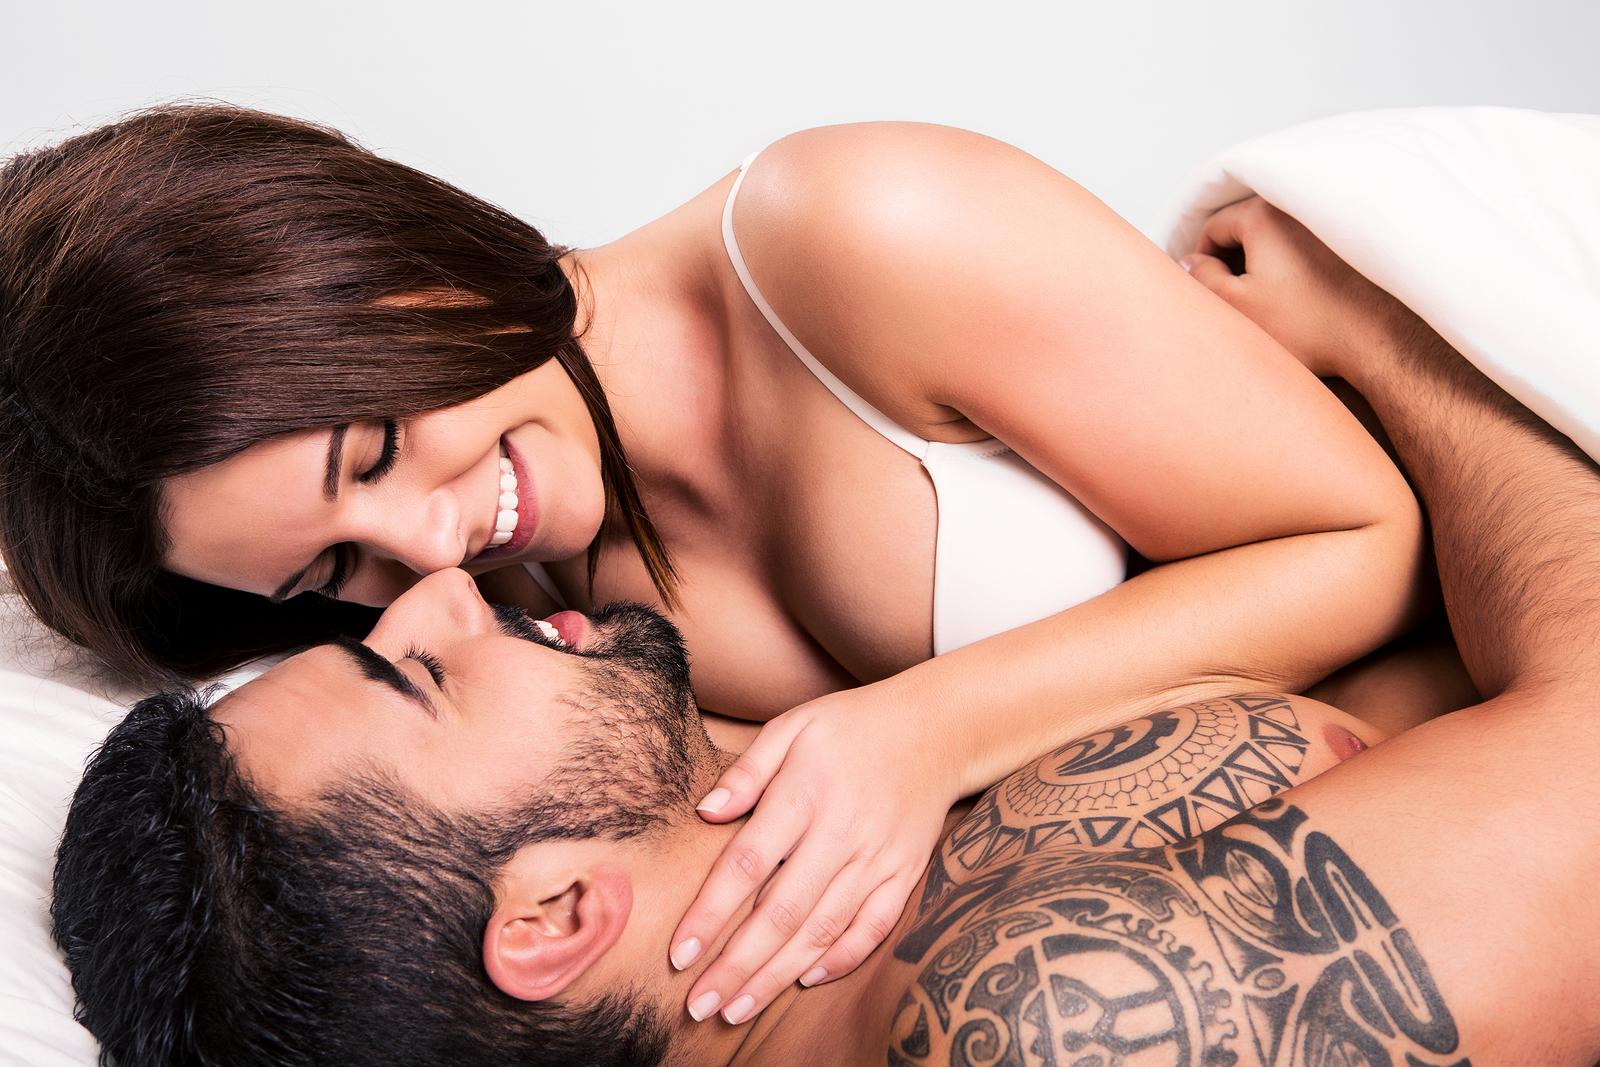 Фото романтика секс, Нежный секс романтичной парочки в спальне порно фото 6 фотография